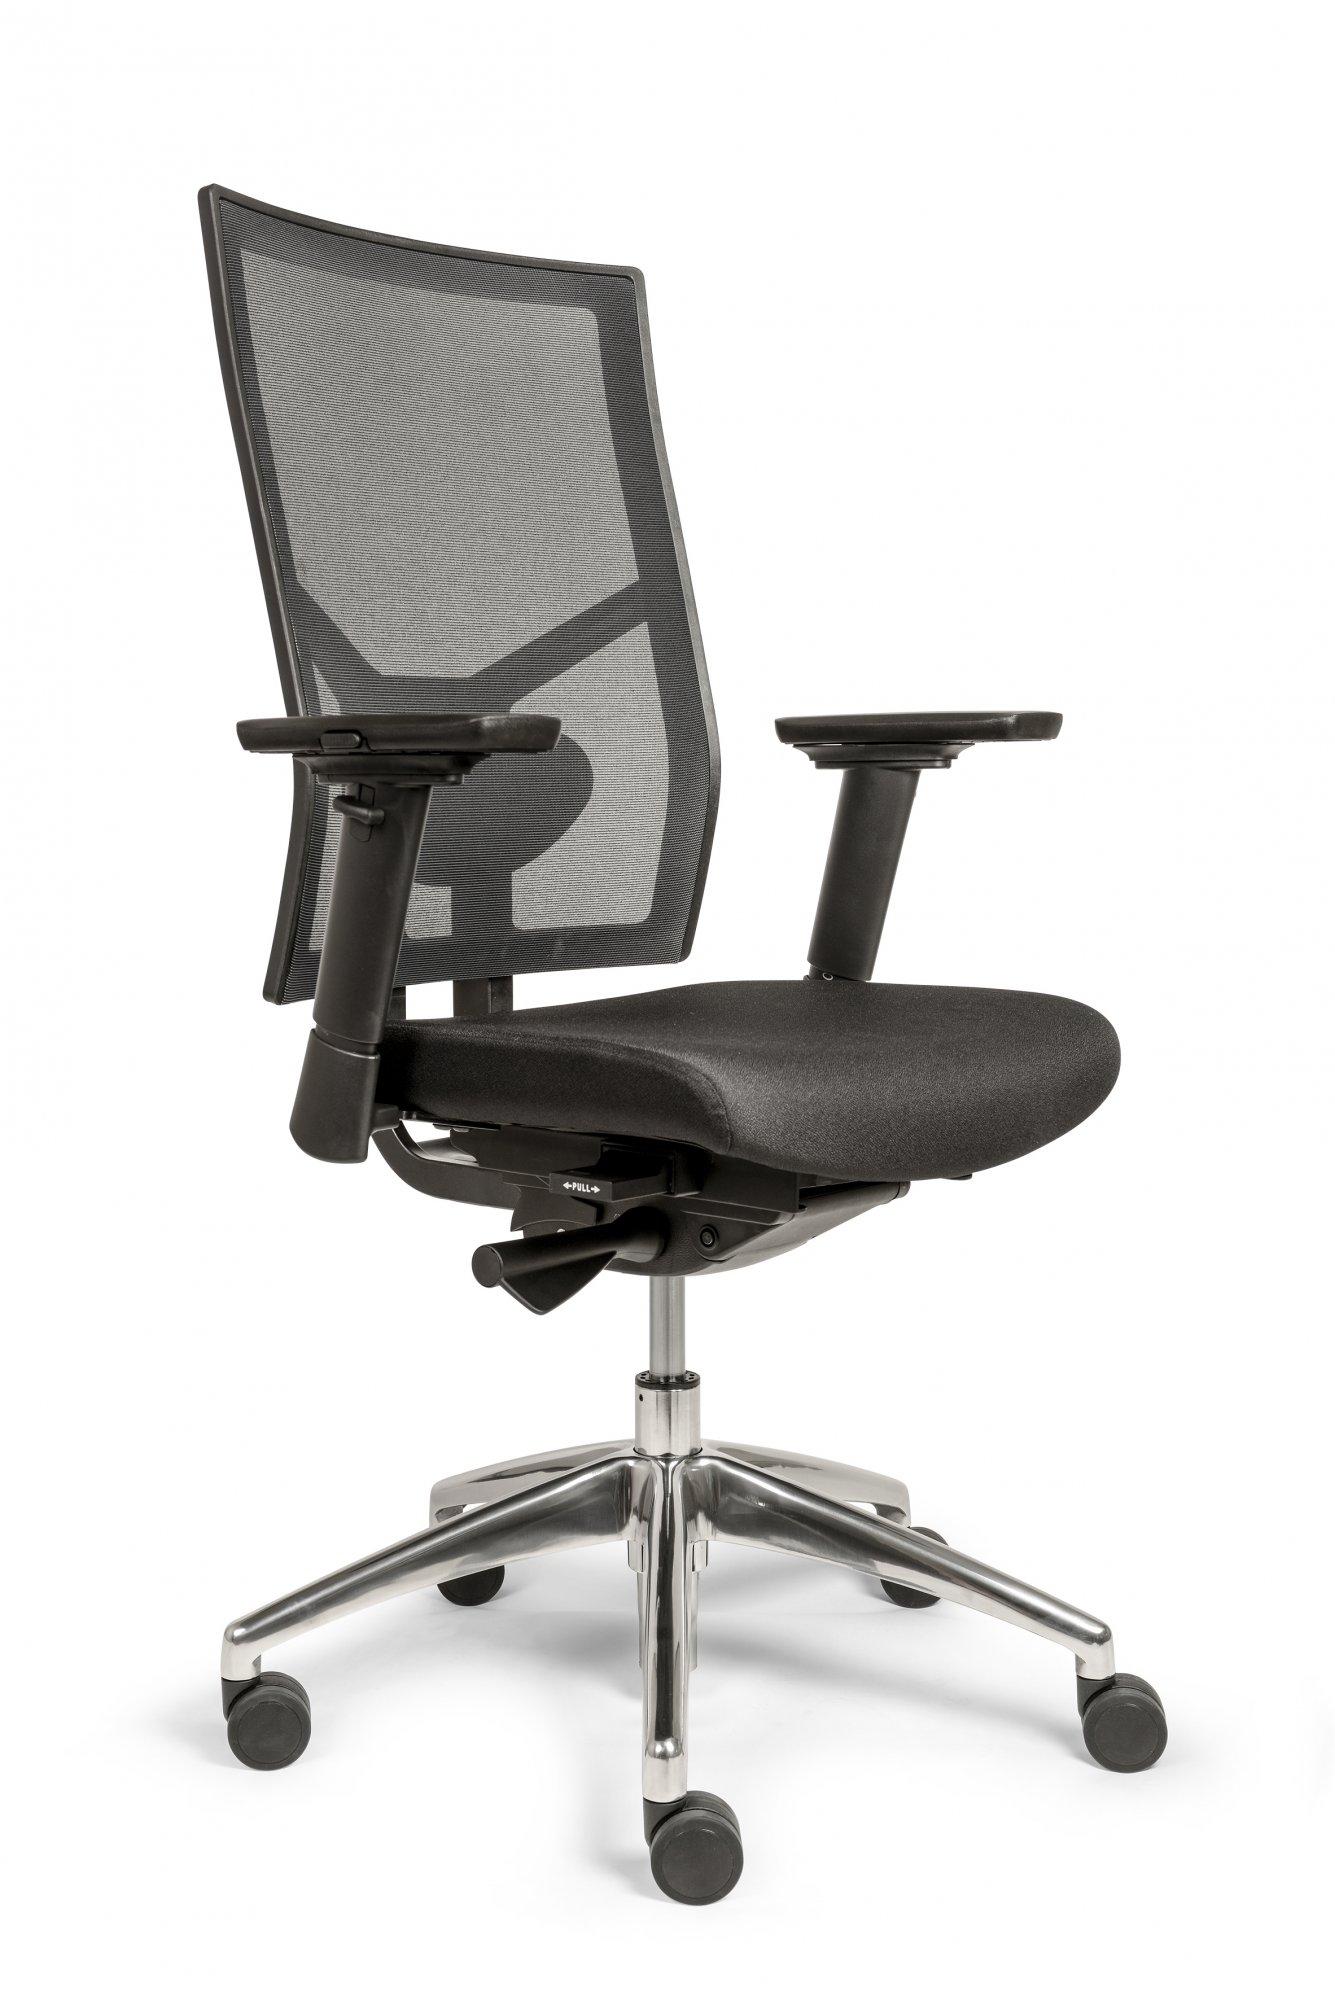 neuer drehstuhl emma das zweite b ro gesundsitzer hausmarke. Black Bedroom Furniture Sets. Home Design Ideas